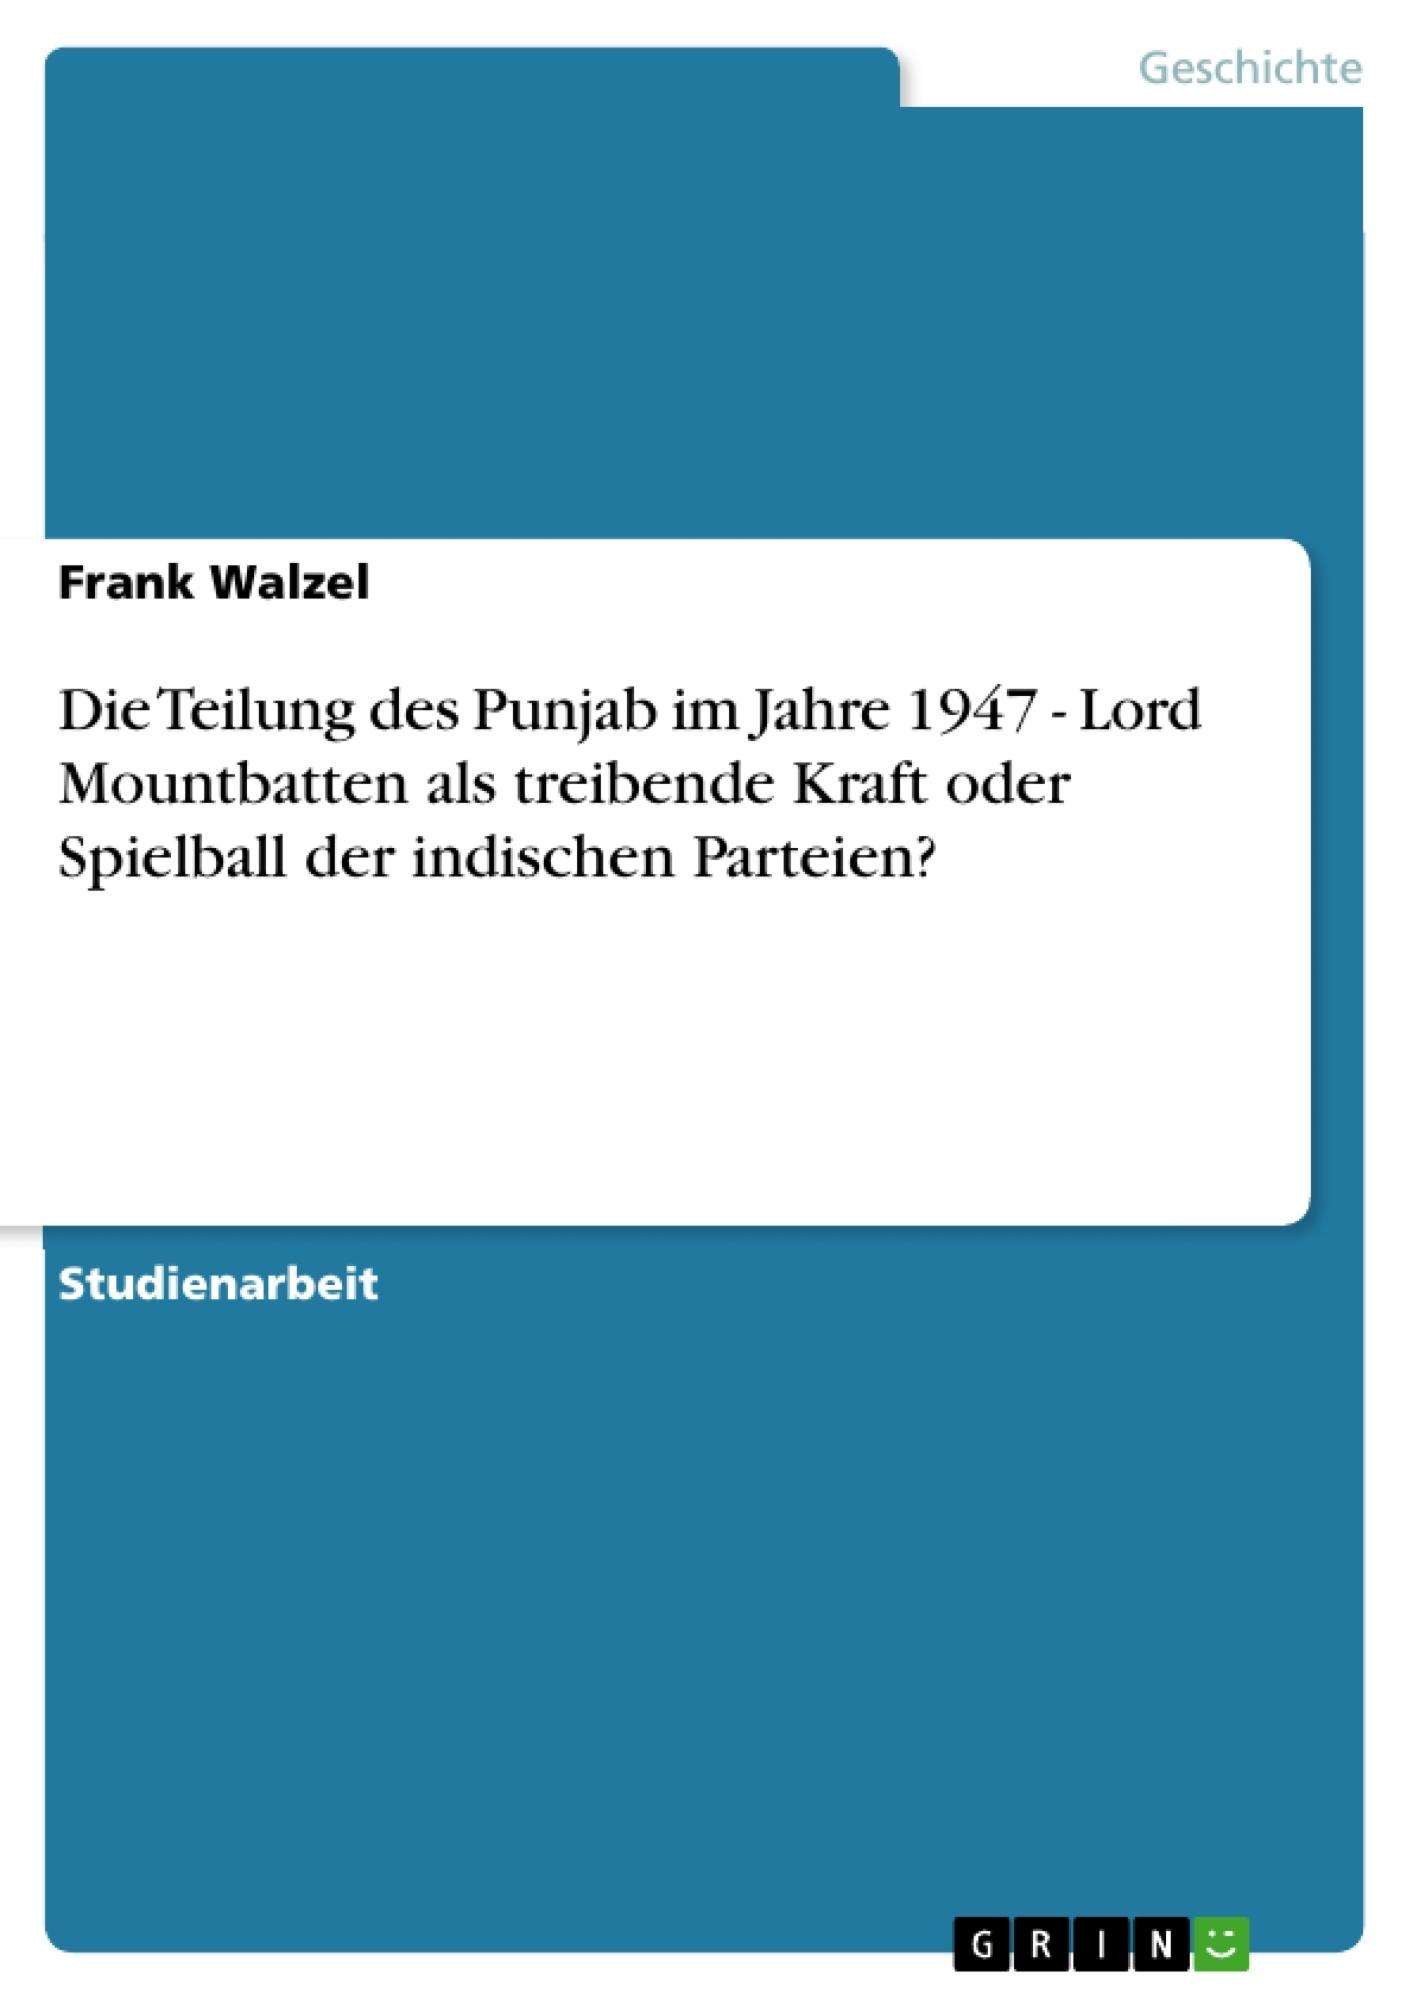 Titel: Die Teilung des Punjab im Jahre 1947 - Lord Mountbatten als treibende Kraft oder Spielball der indischen Parteien?